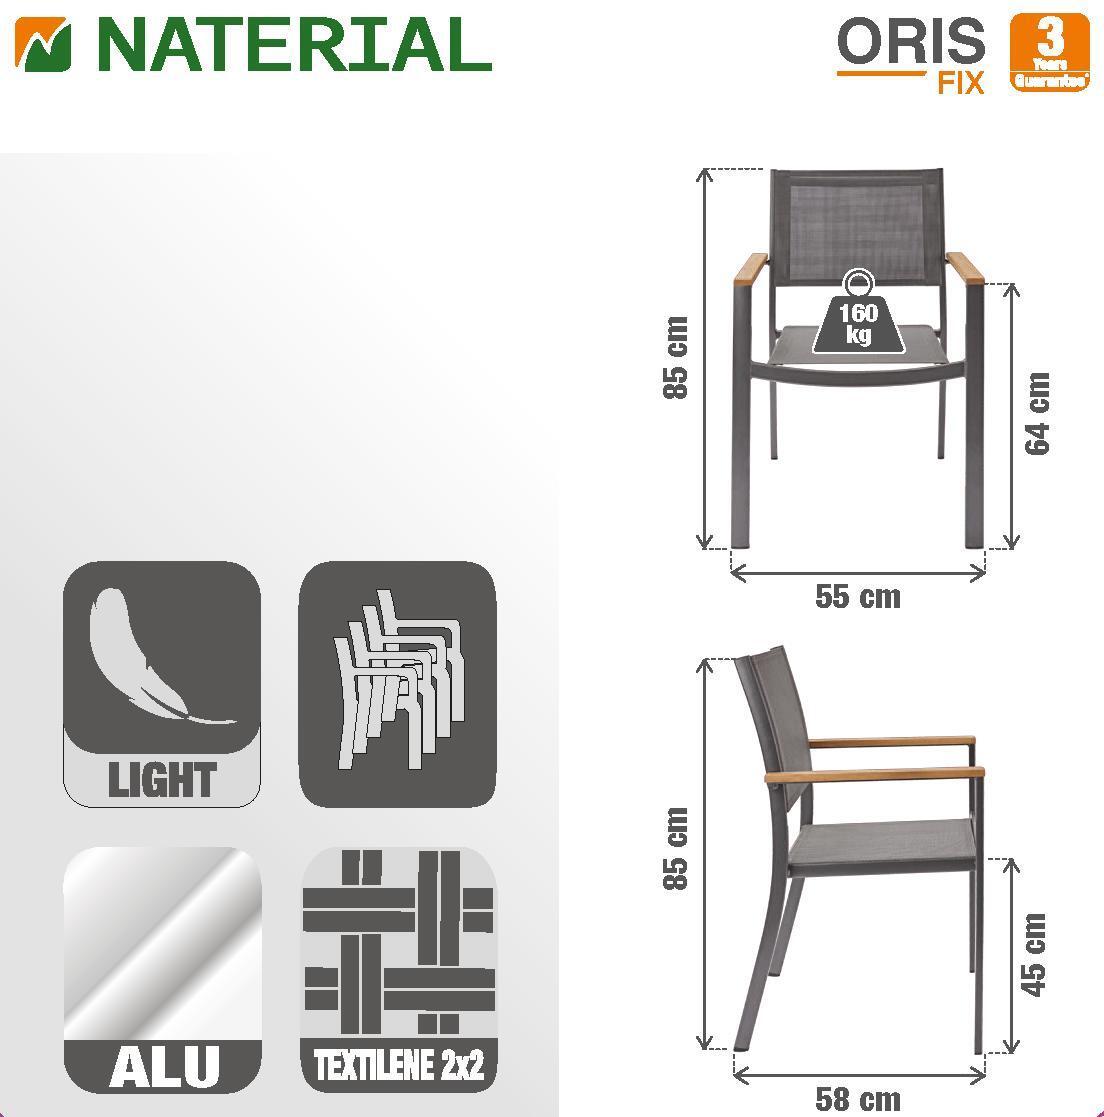 Sedia con braccioli senza cuscino in alluminio Oris NATERIAL colore teak - 6